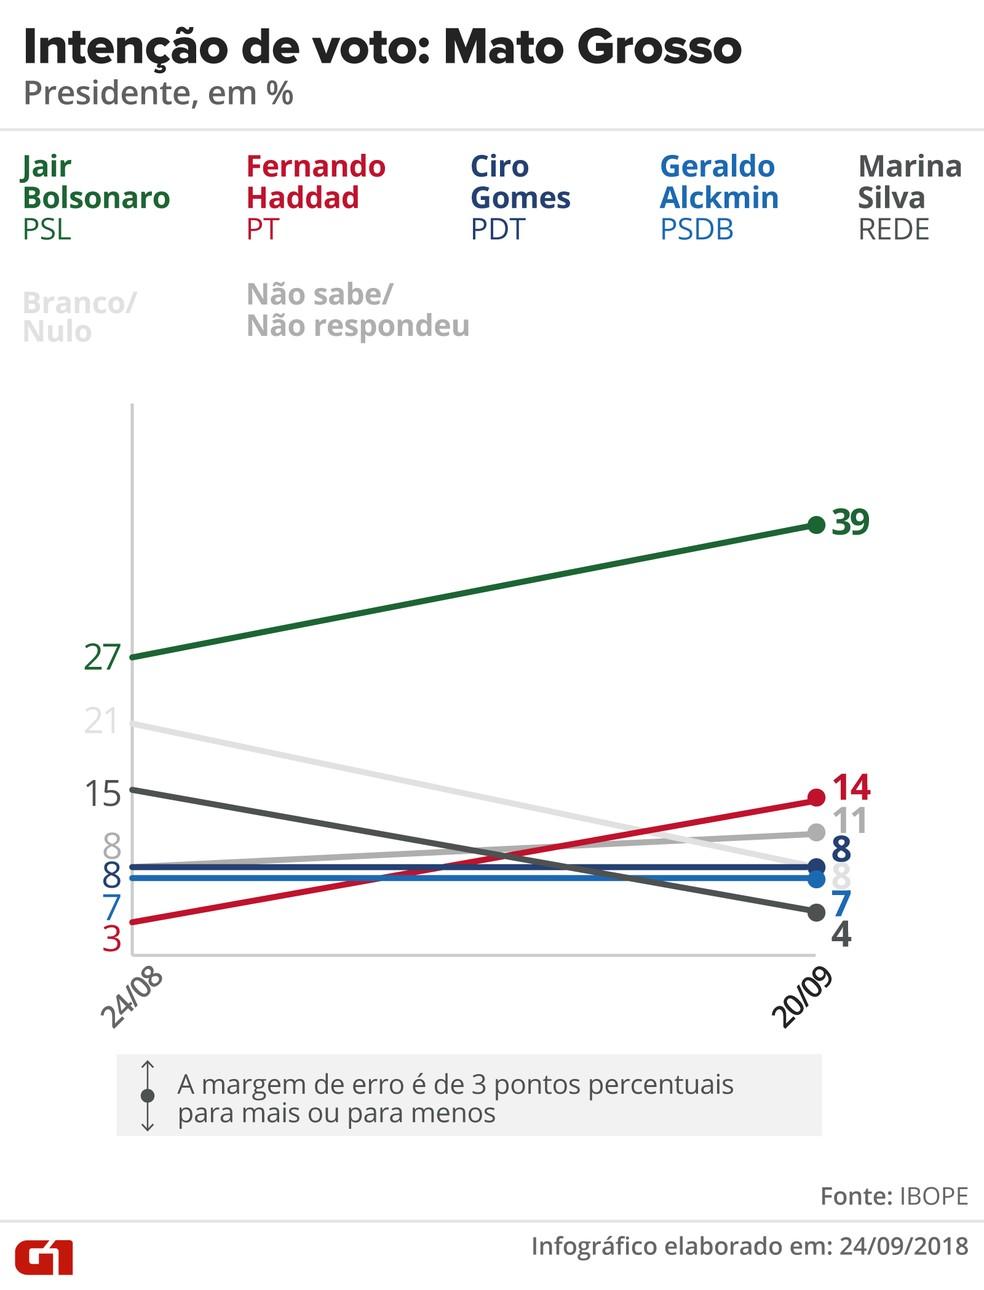 Pesquisa Ibope - evolução da intenção voto para presidente em Mato Grosso. — Foto: Arte/G1